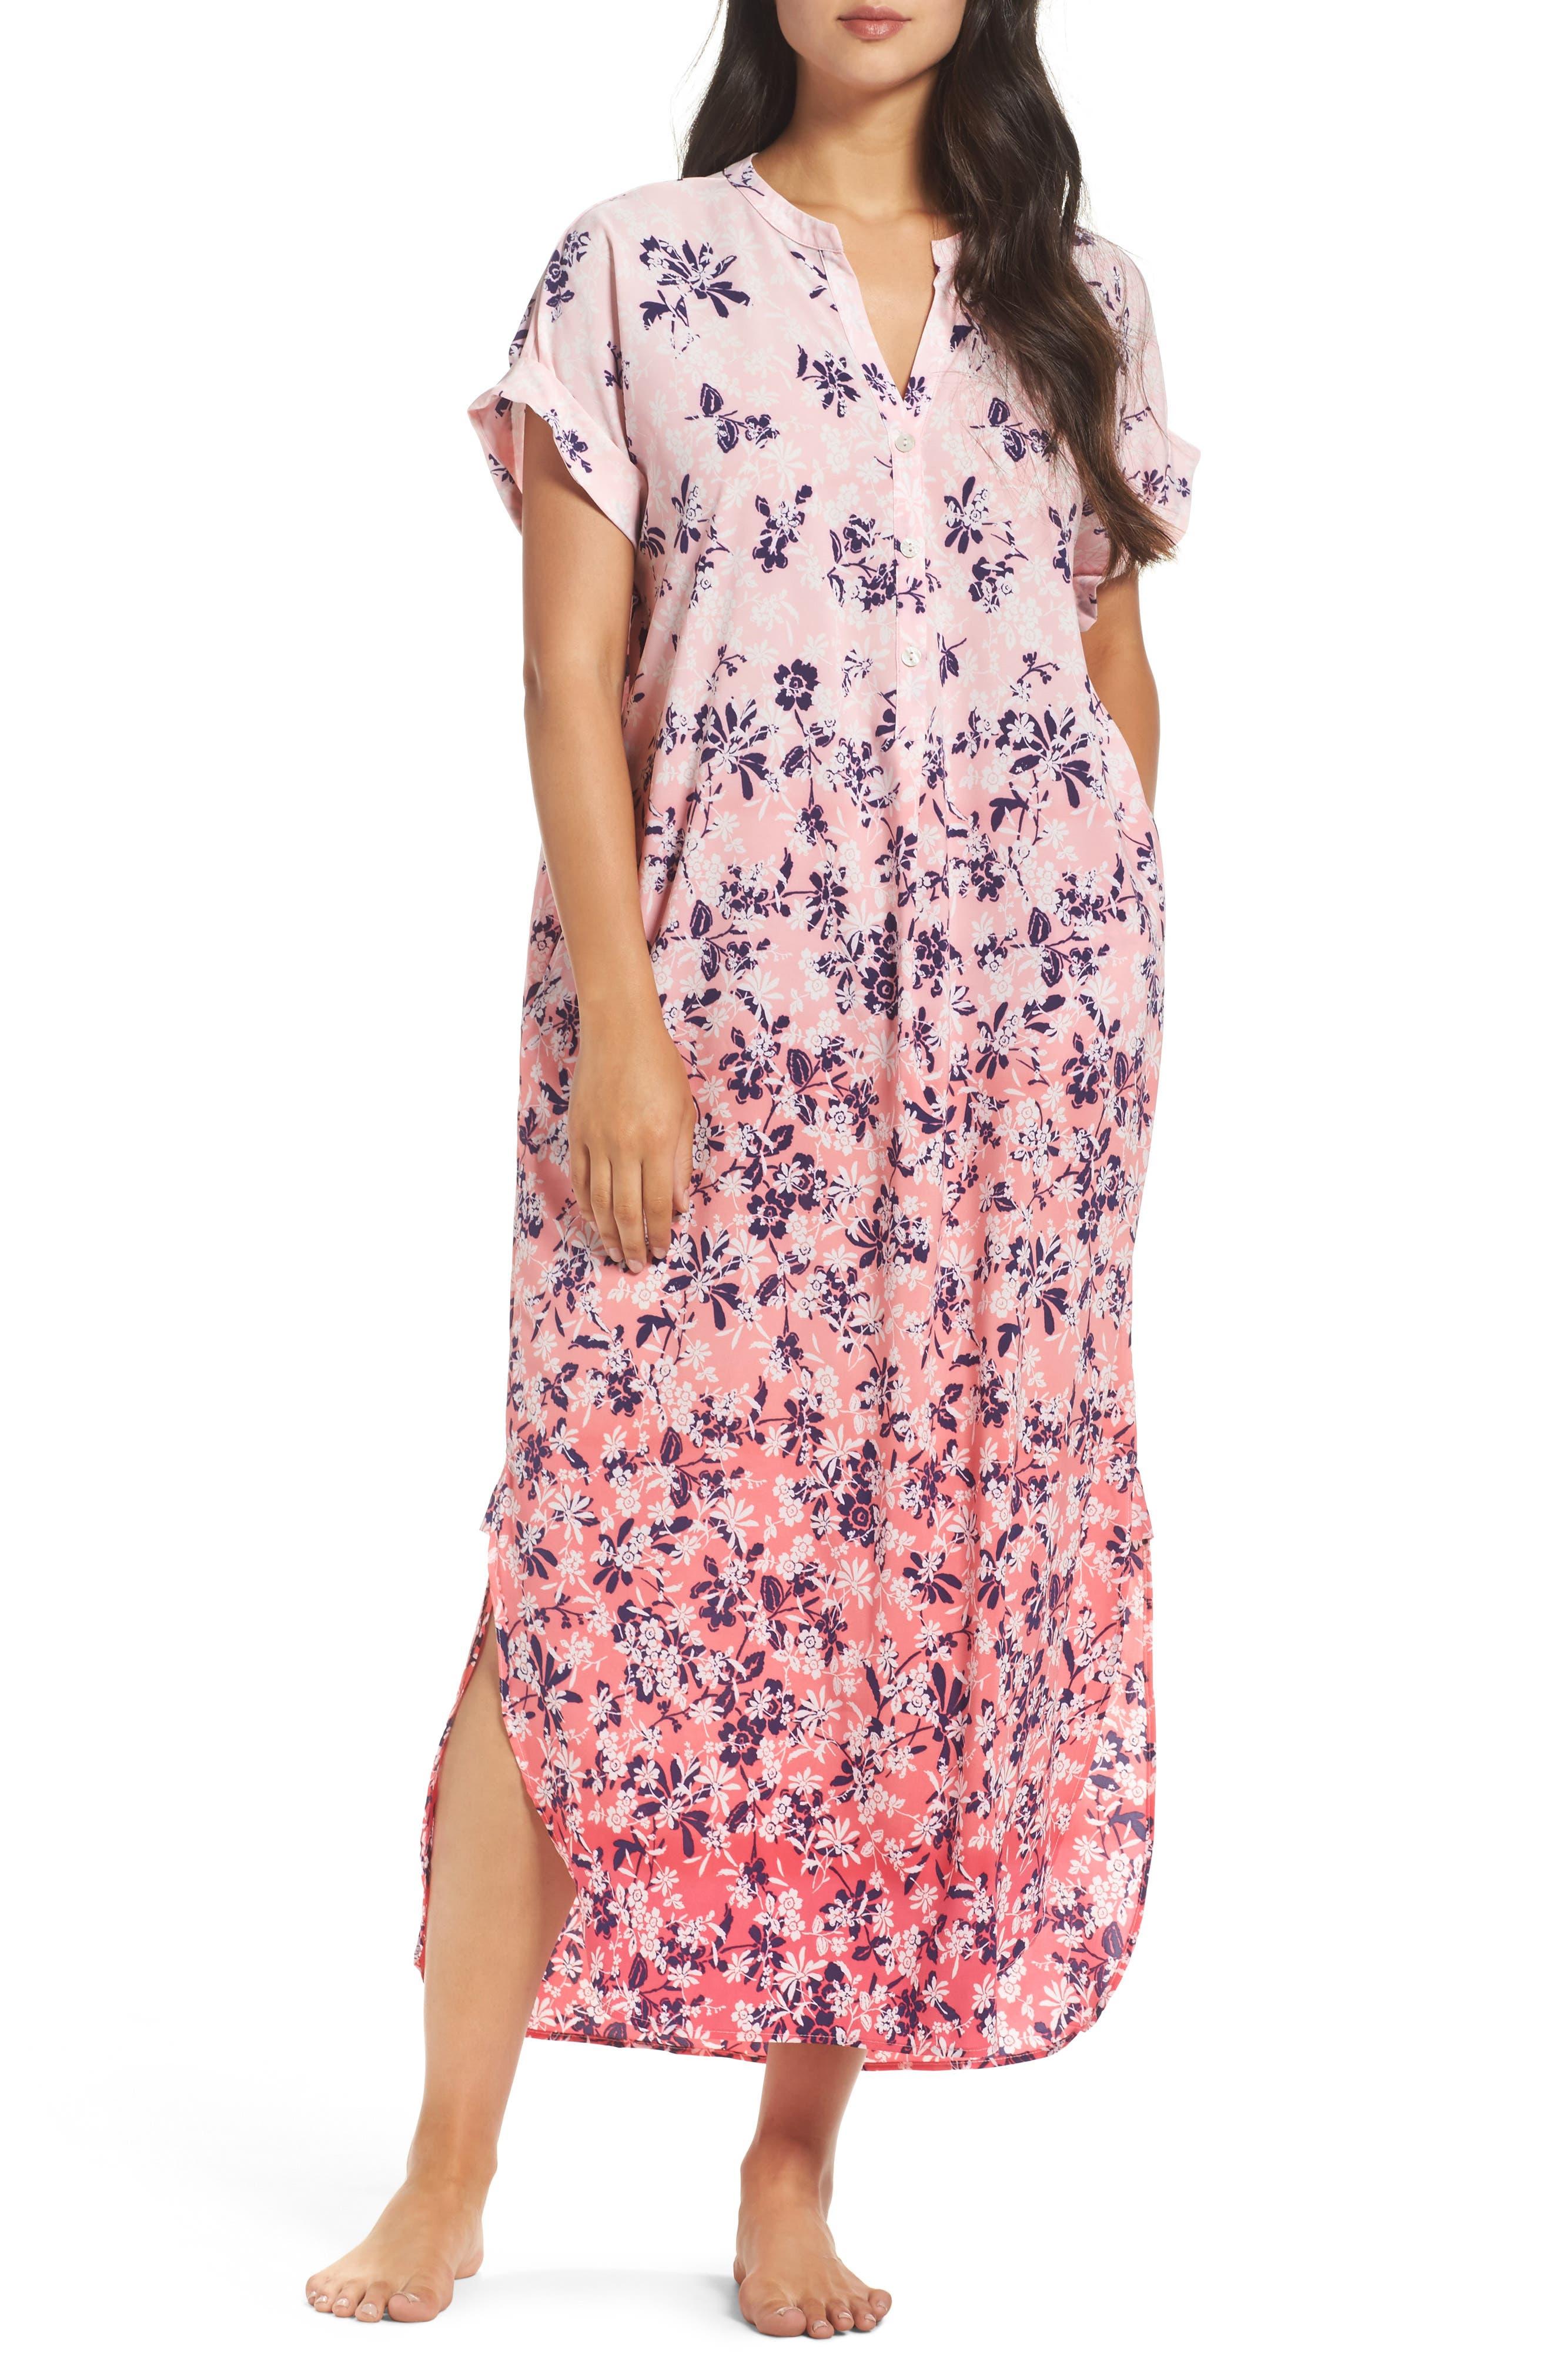 Main Image - Oscar de la Renta Sleepwear Floral Print Caftan